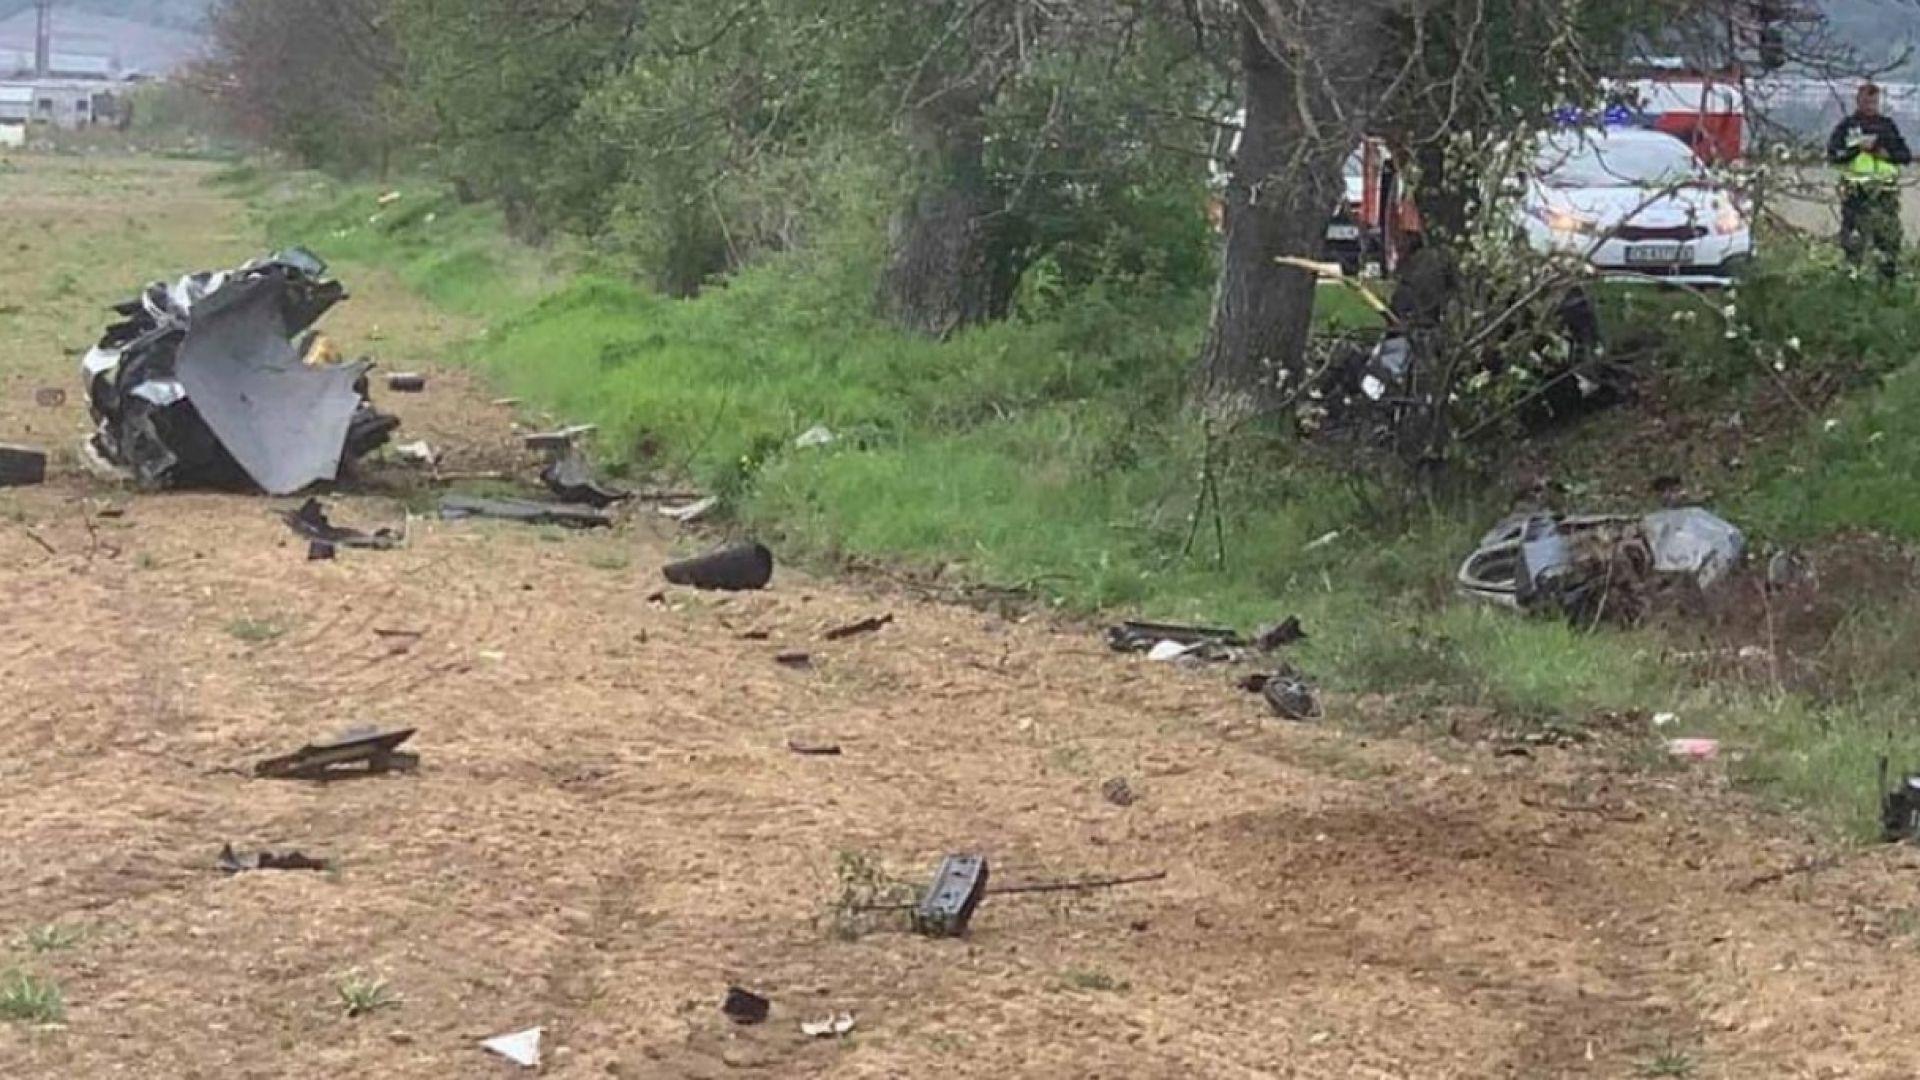 Шофьор загина след удар в дърво, колата е разпиляна на части из нива